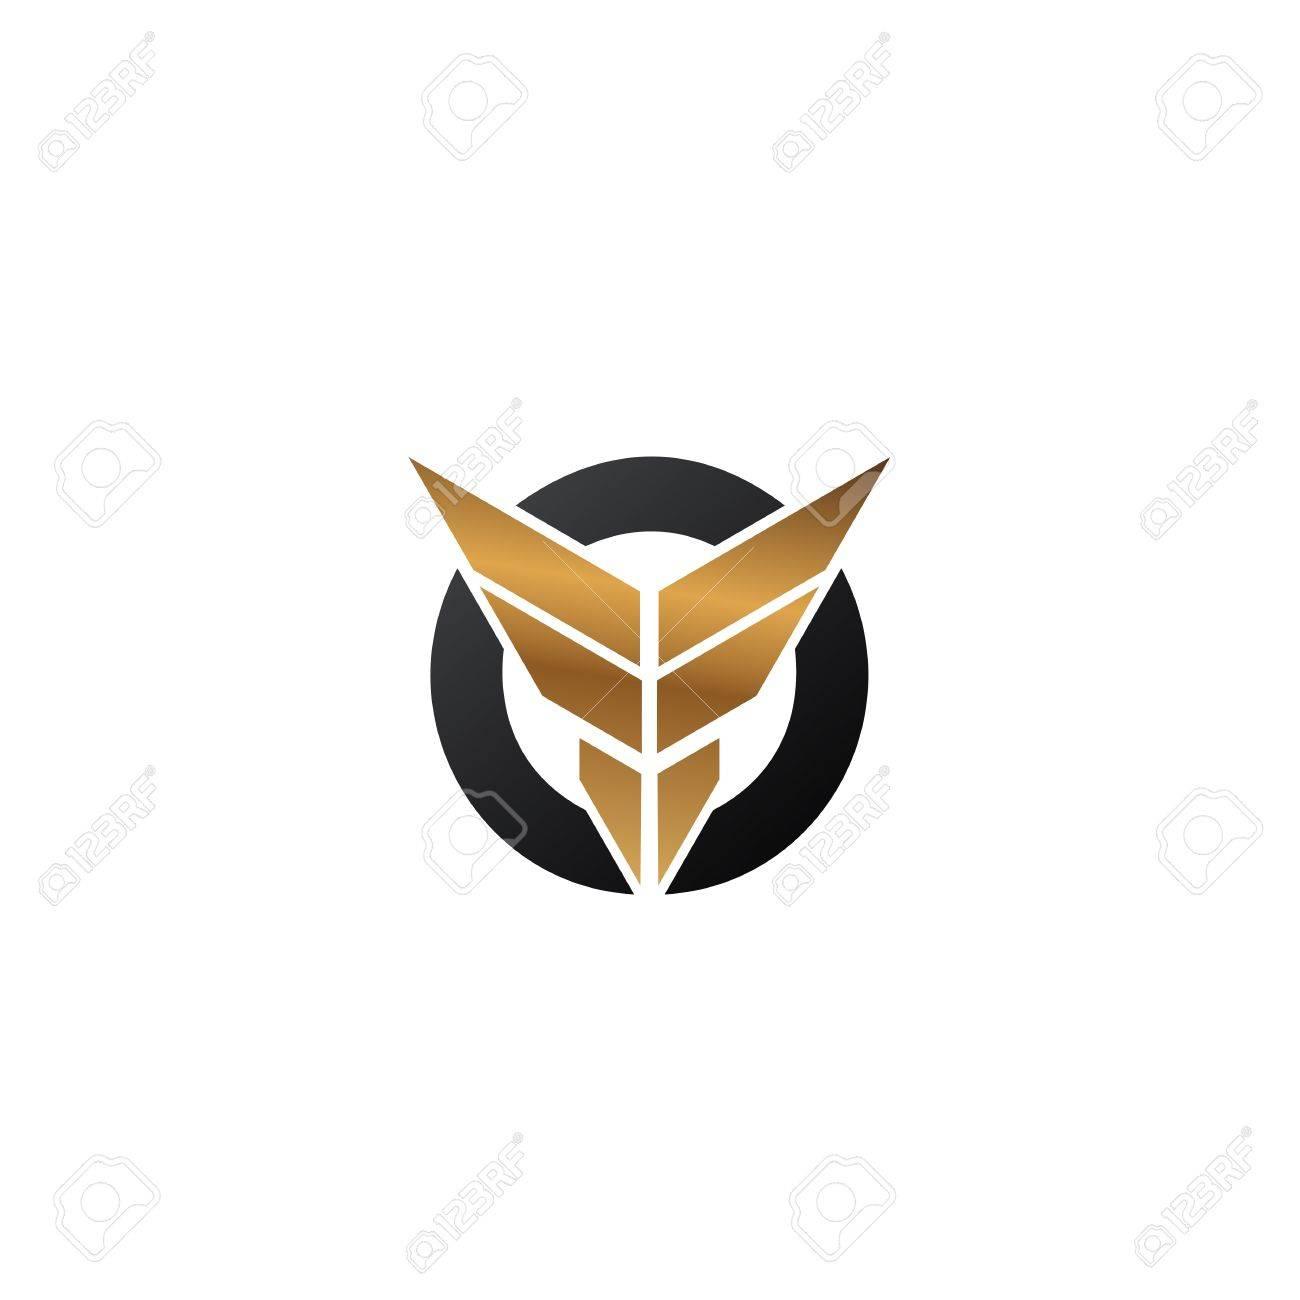 ee2db10068911 Foto de archivo - Letra F alas logo. plantilla de concepto de diseño de  logotipo de seguridad